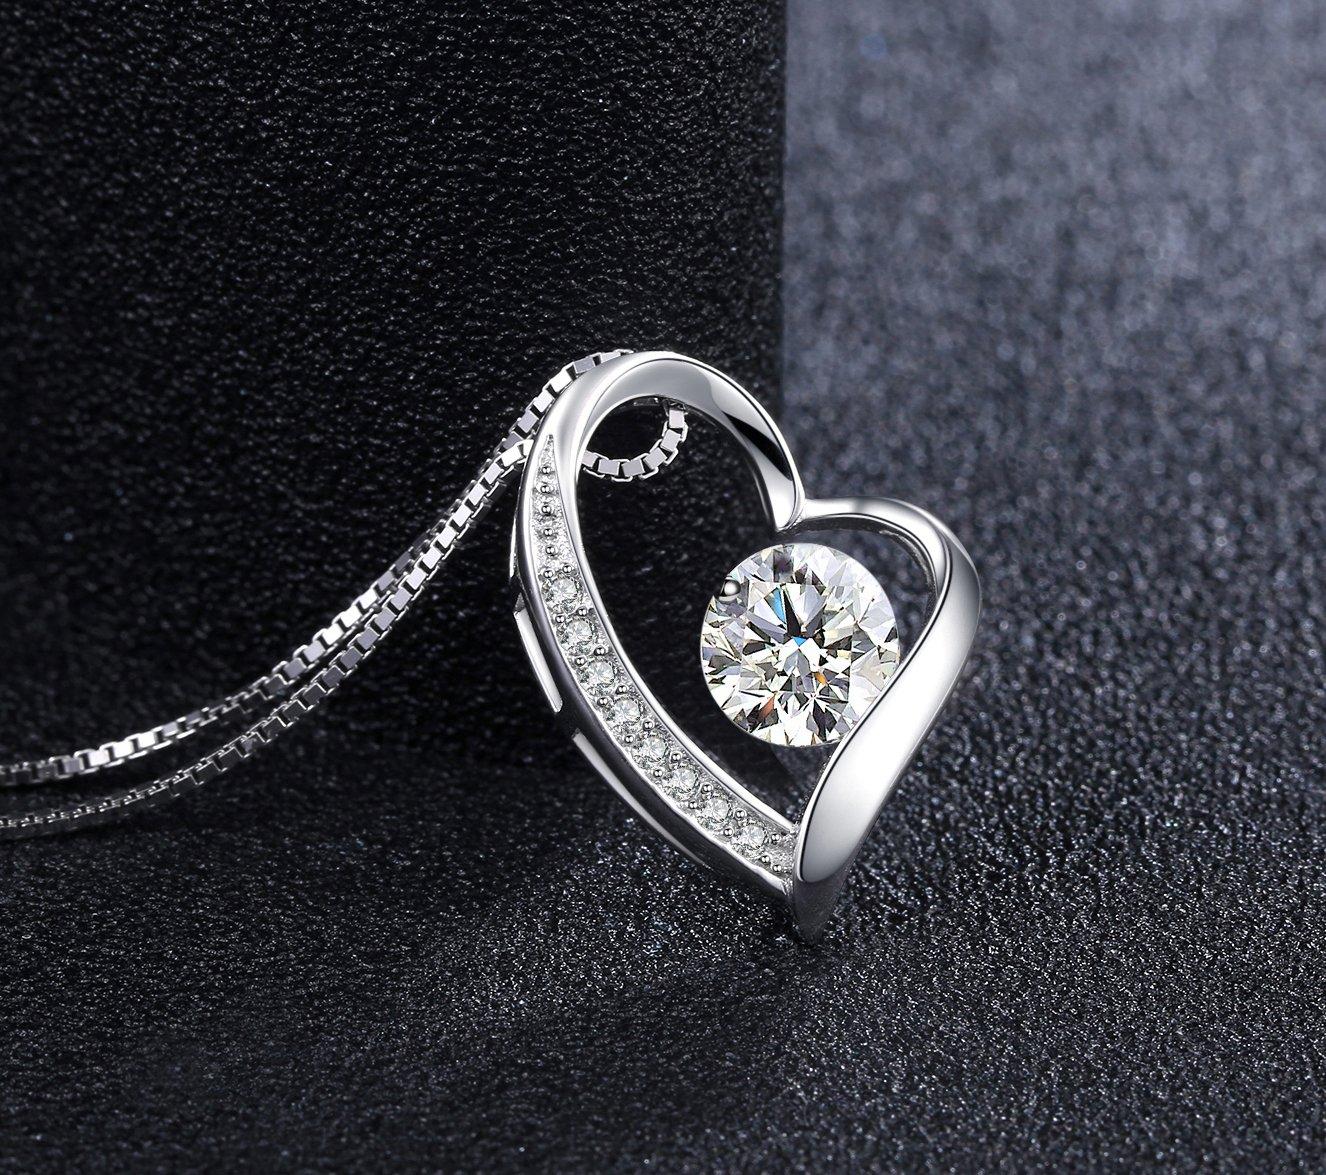 J.Vénus Damen Schmuck, Halskette Silber mit Herz Anhänger 925 Sterling Silber Zirkonia 45cm / Kette, Schmuck mit Etui (ewige Liebe - weiß)